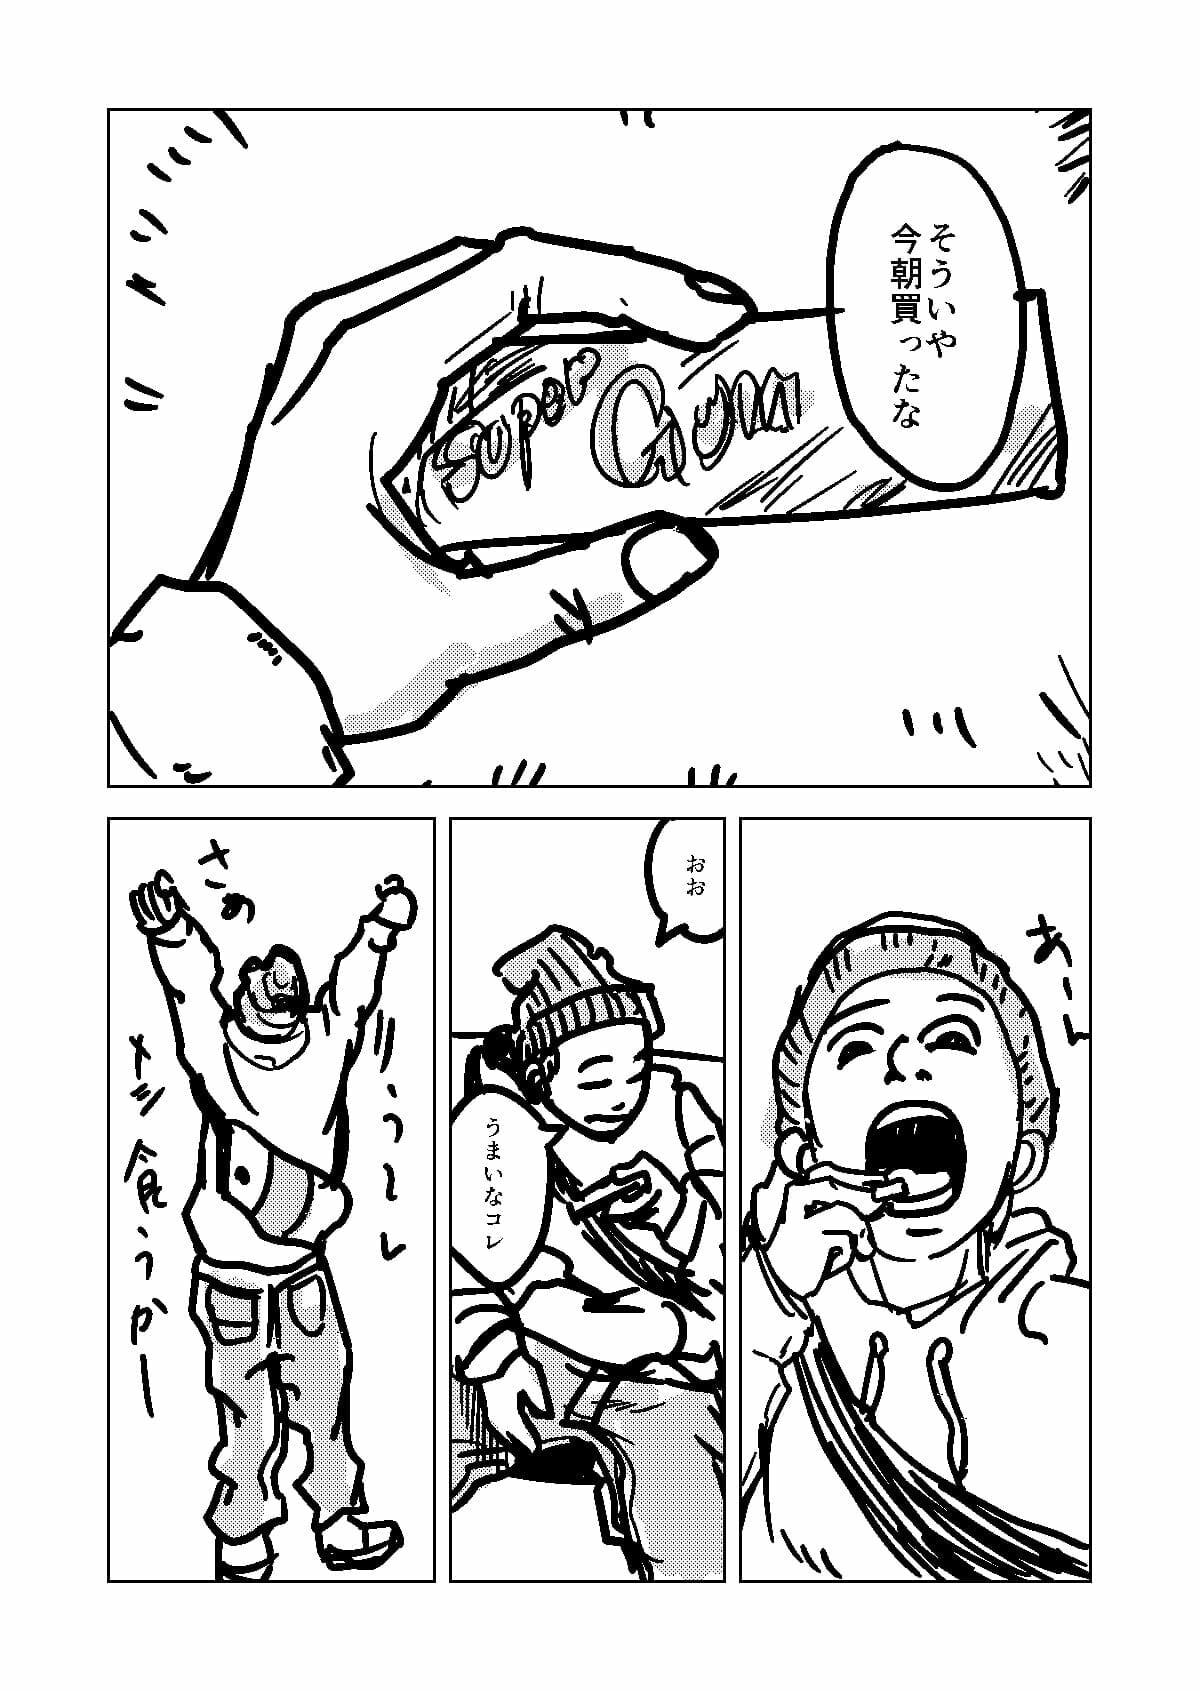 『ガム食う人』(ネーム) ページ4